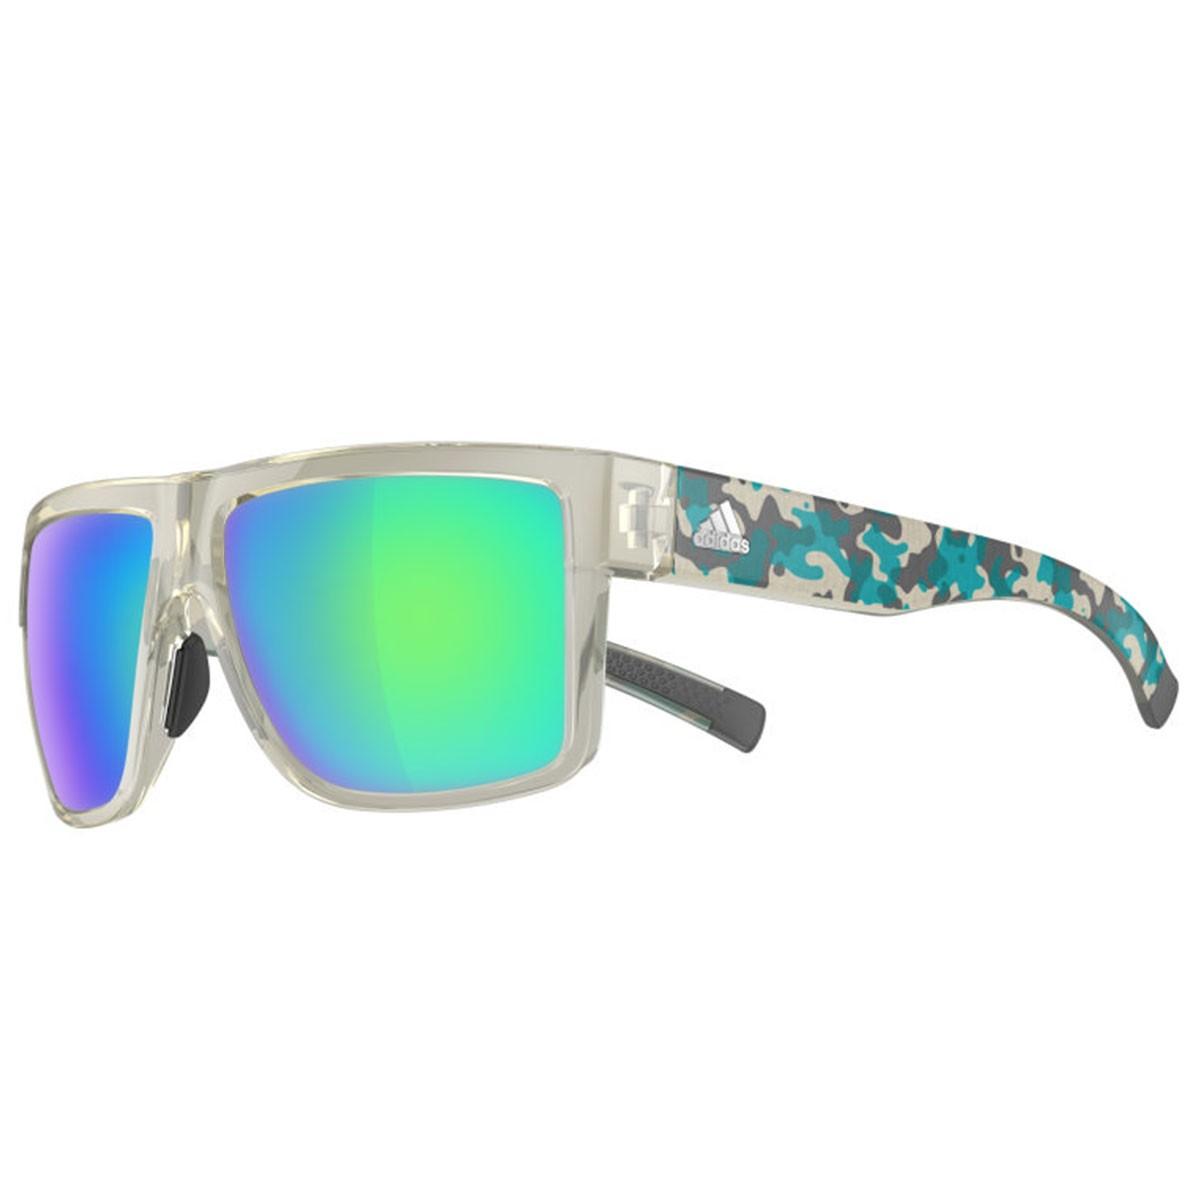 Kaufen Sie Sie Kaufen adidas Gazelle Gläser OFF62% Discounted www.ocsb.pw 1d8215